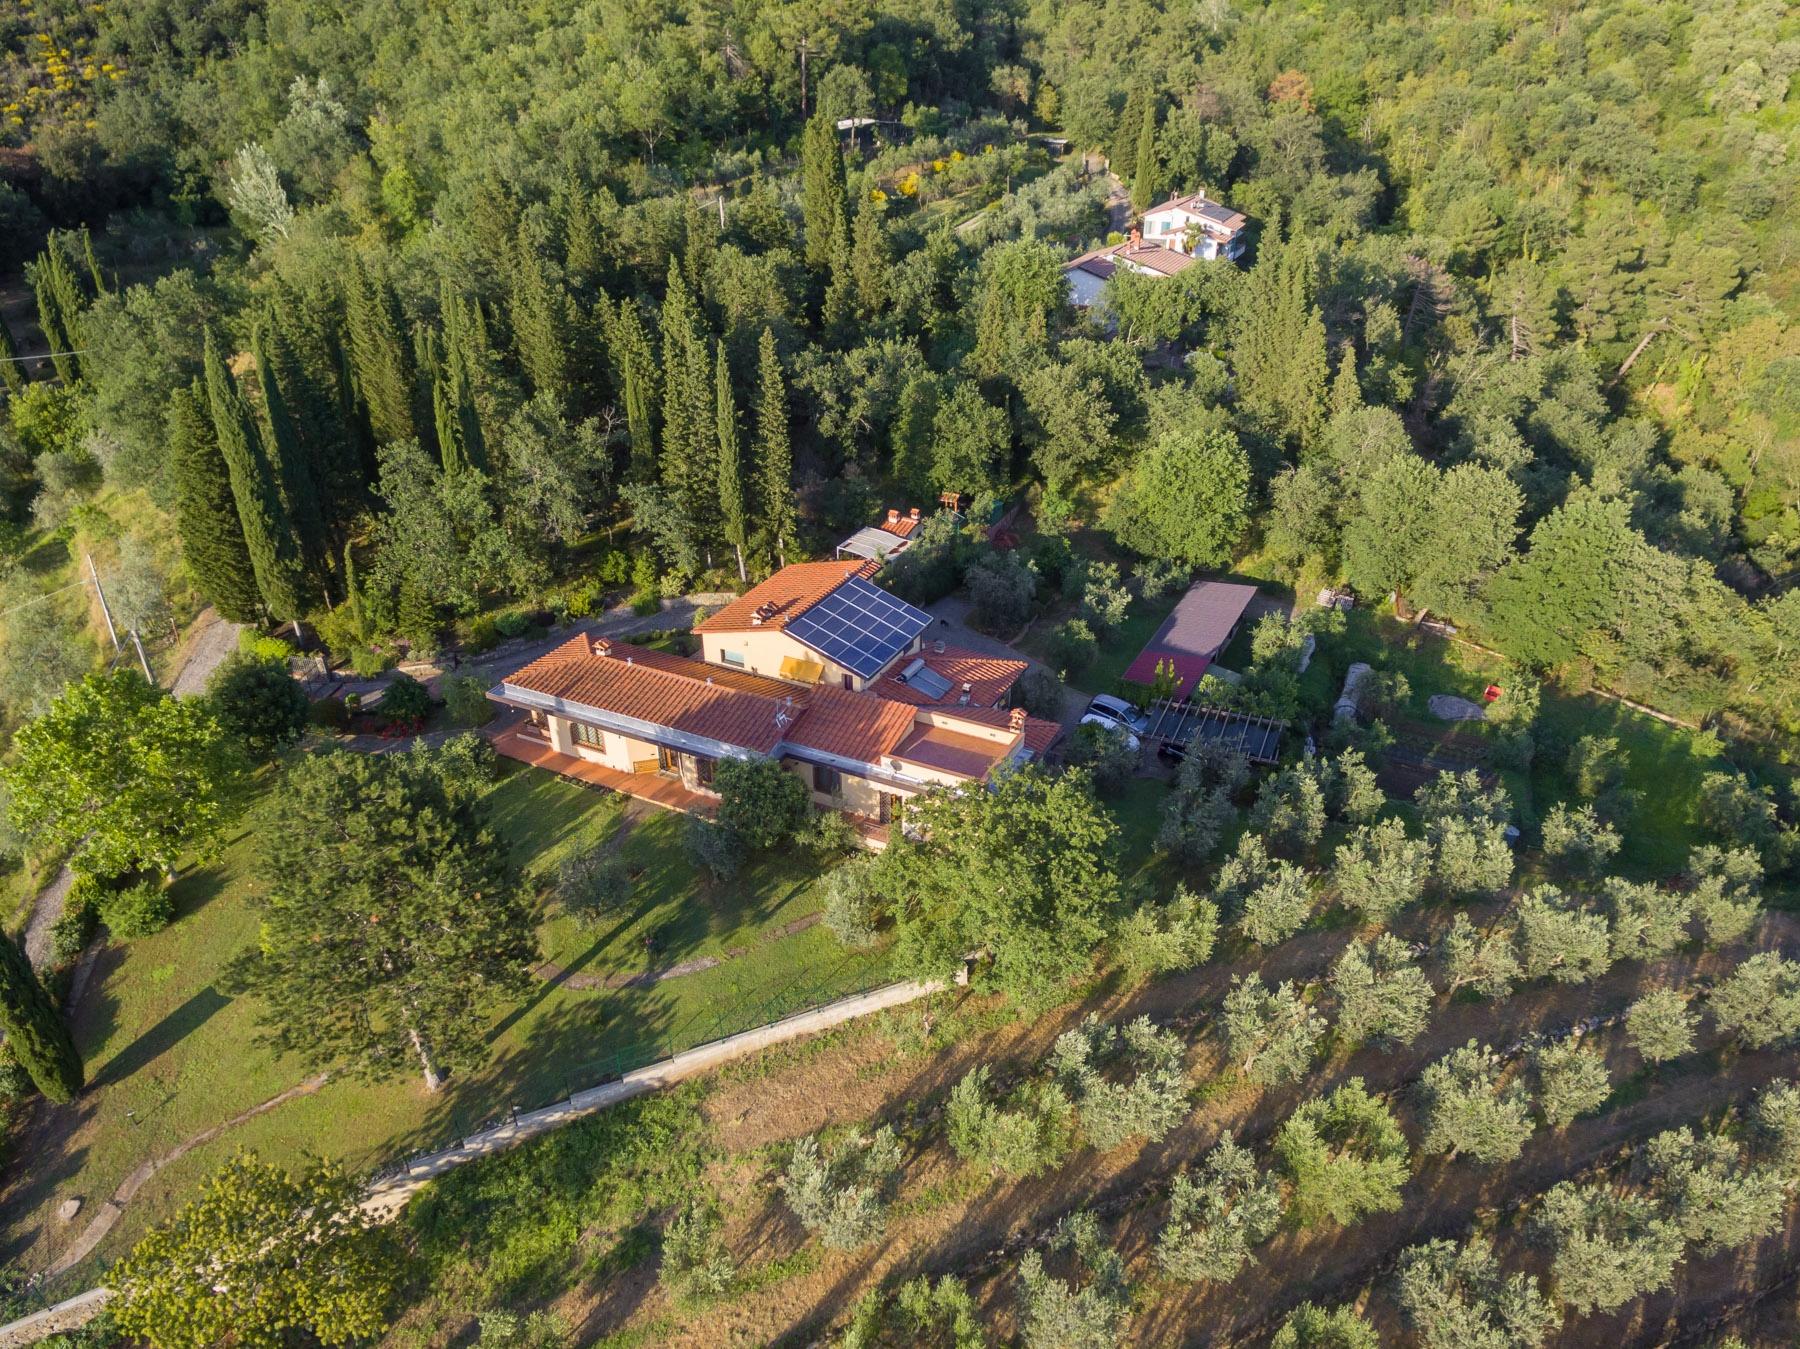 Villa in Vendita a Reggello via poggio a mandri